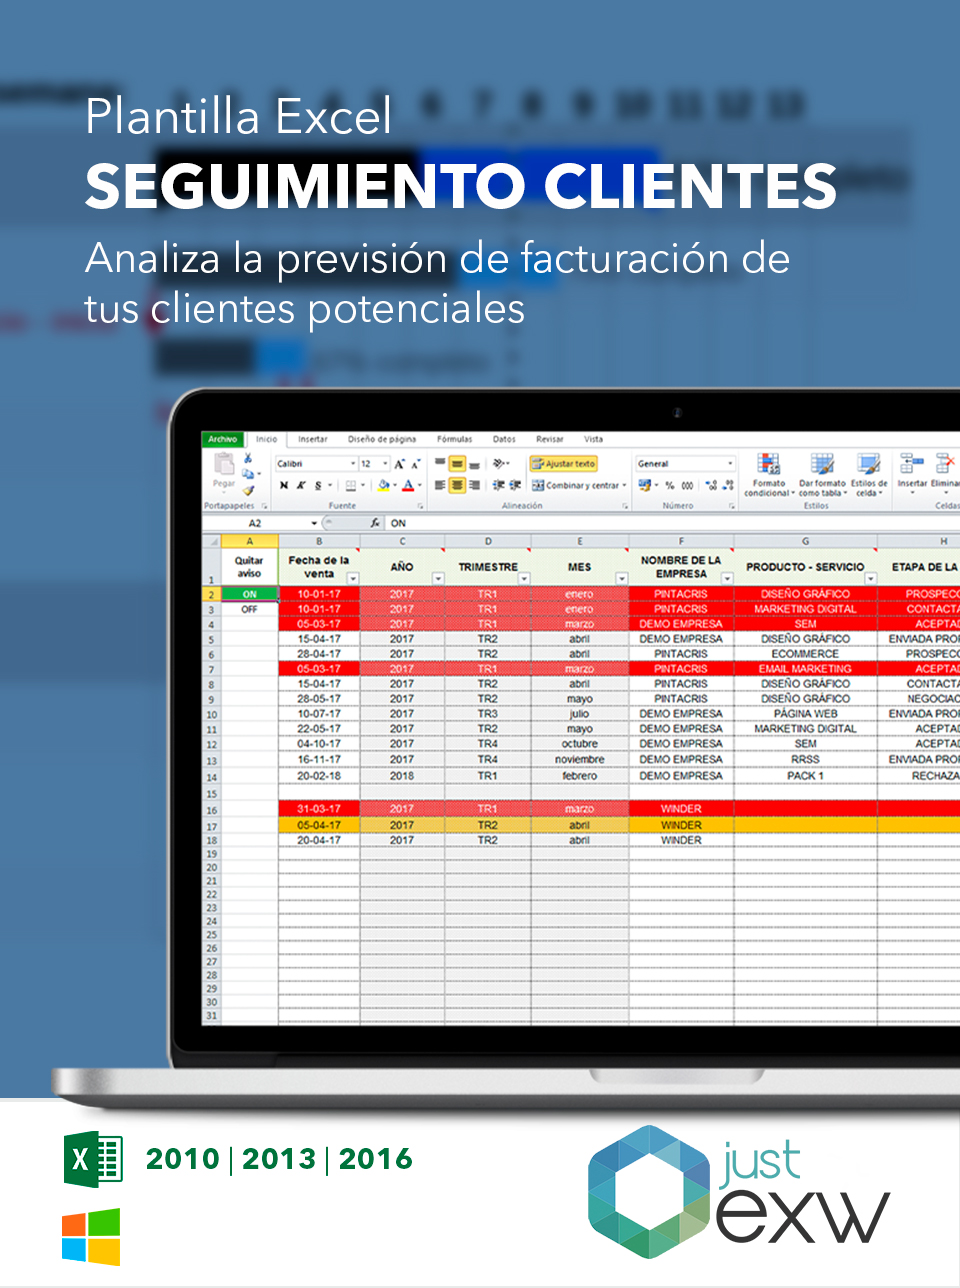 Plantillas de Excel para descargar